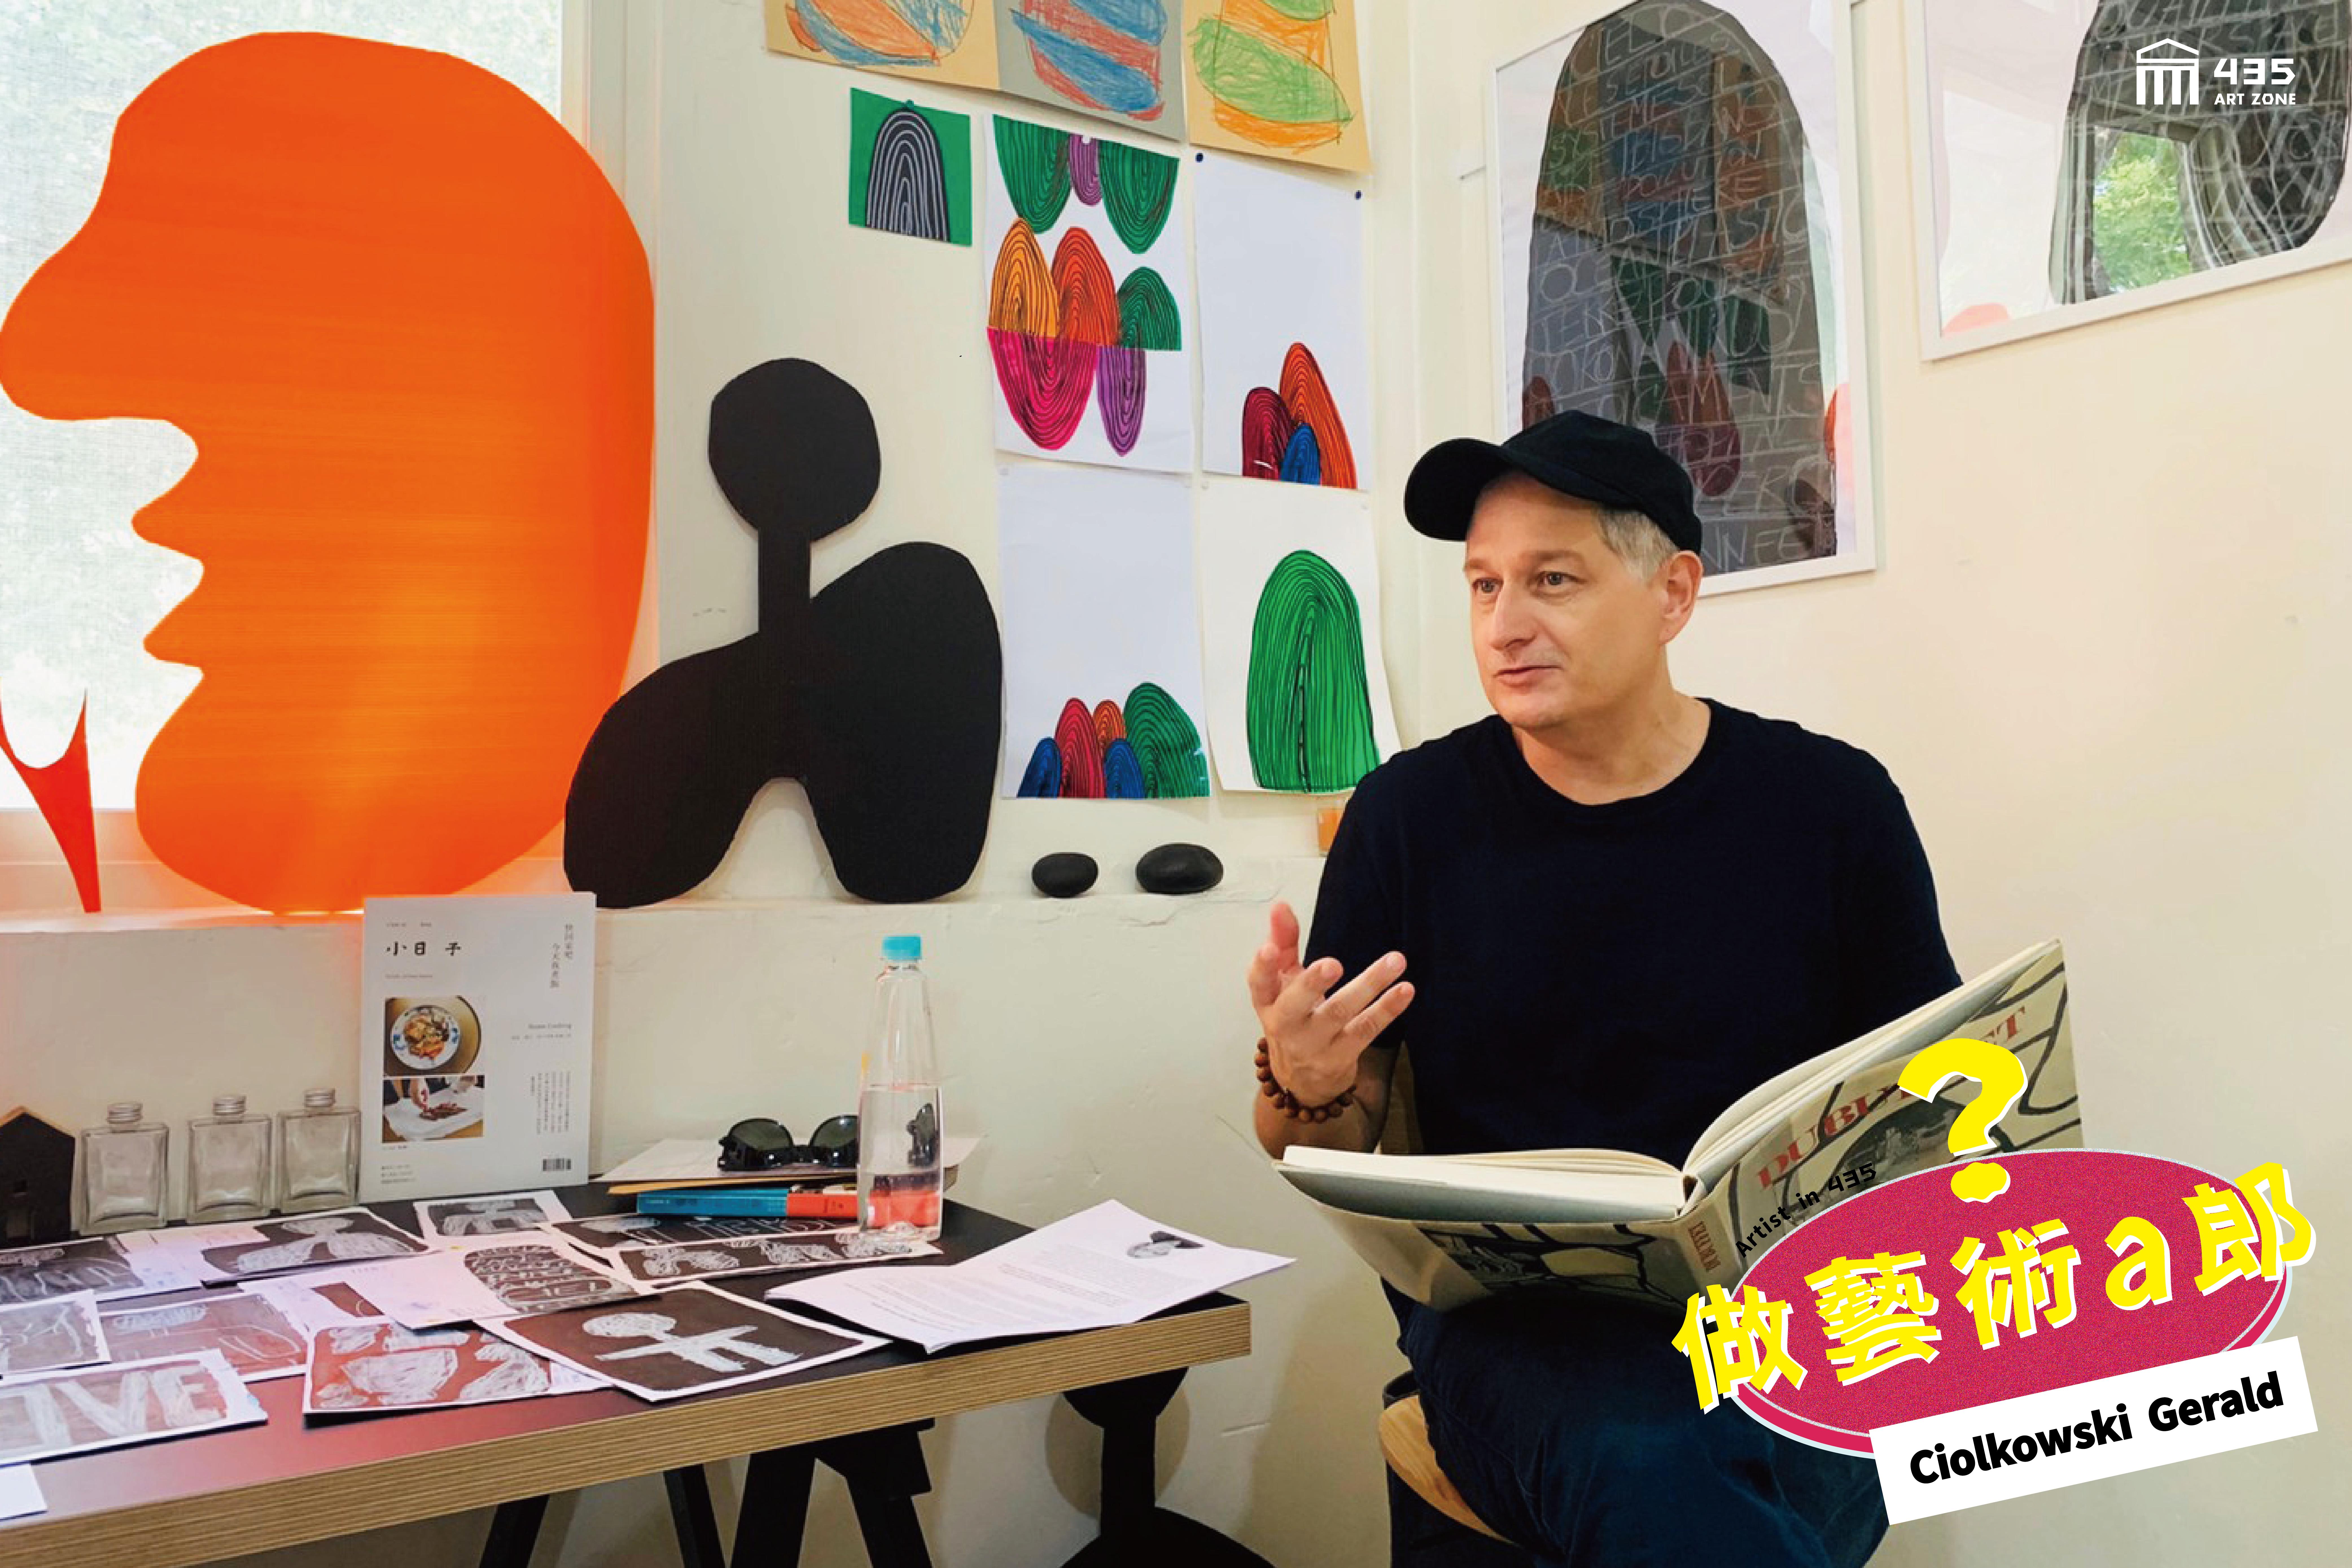 將創作視為生命中流動的饗宴 專訪藝術家:Gérald Ciolkowski